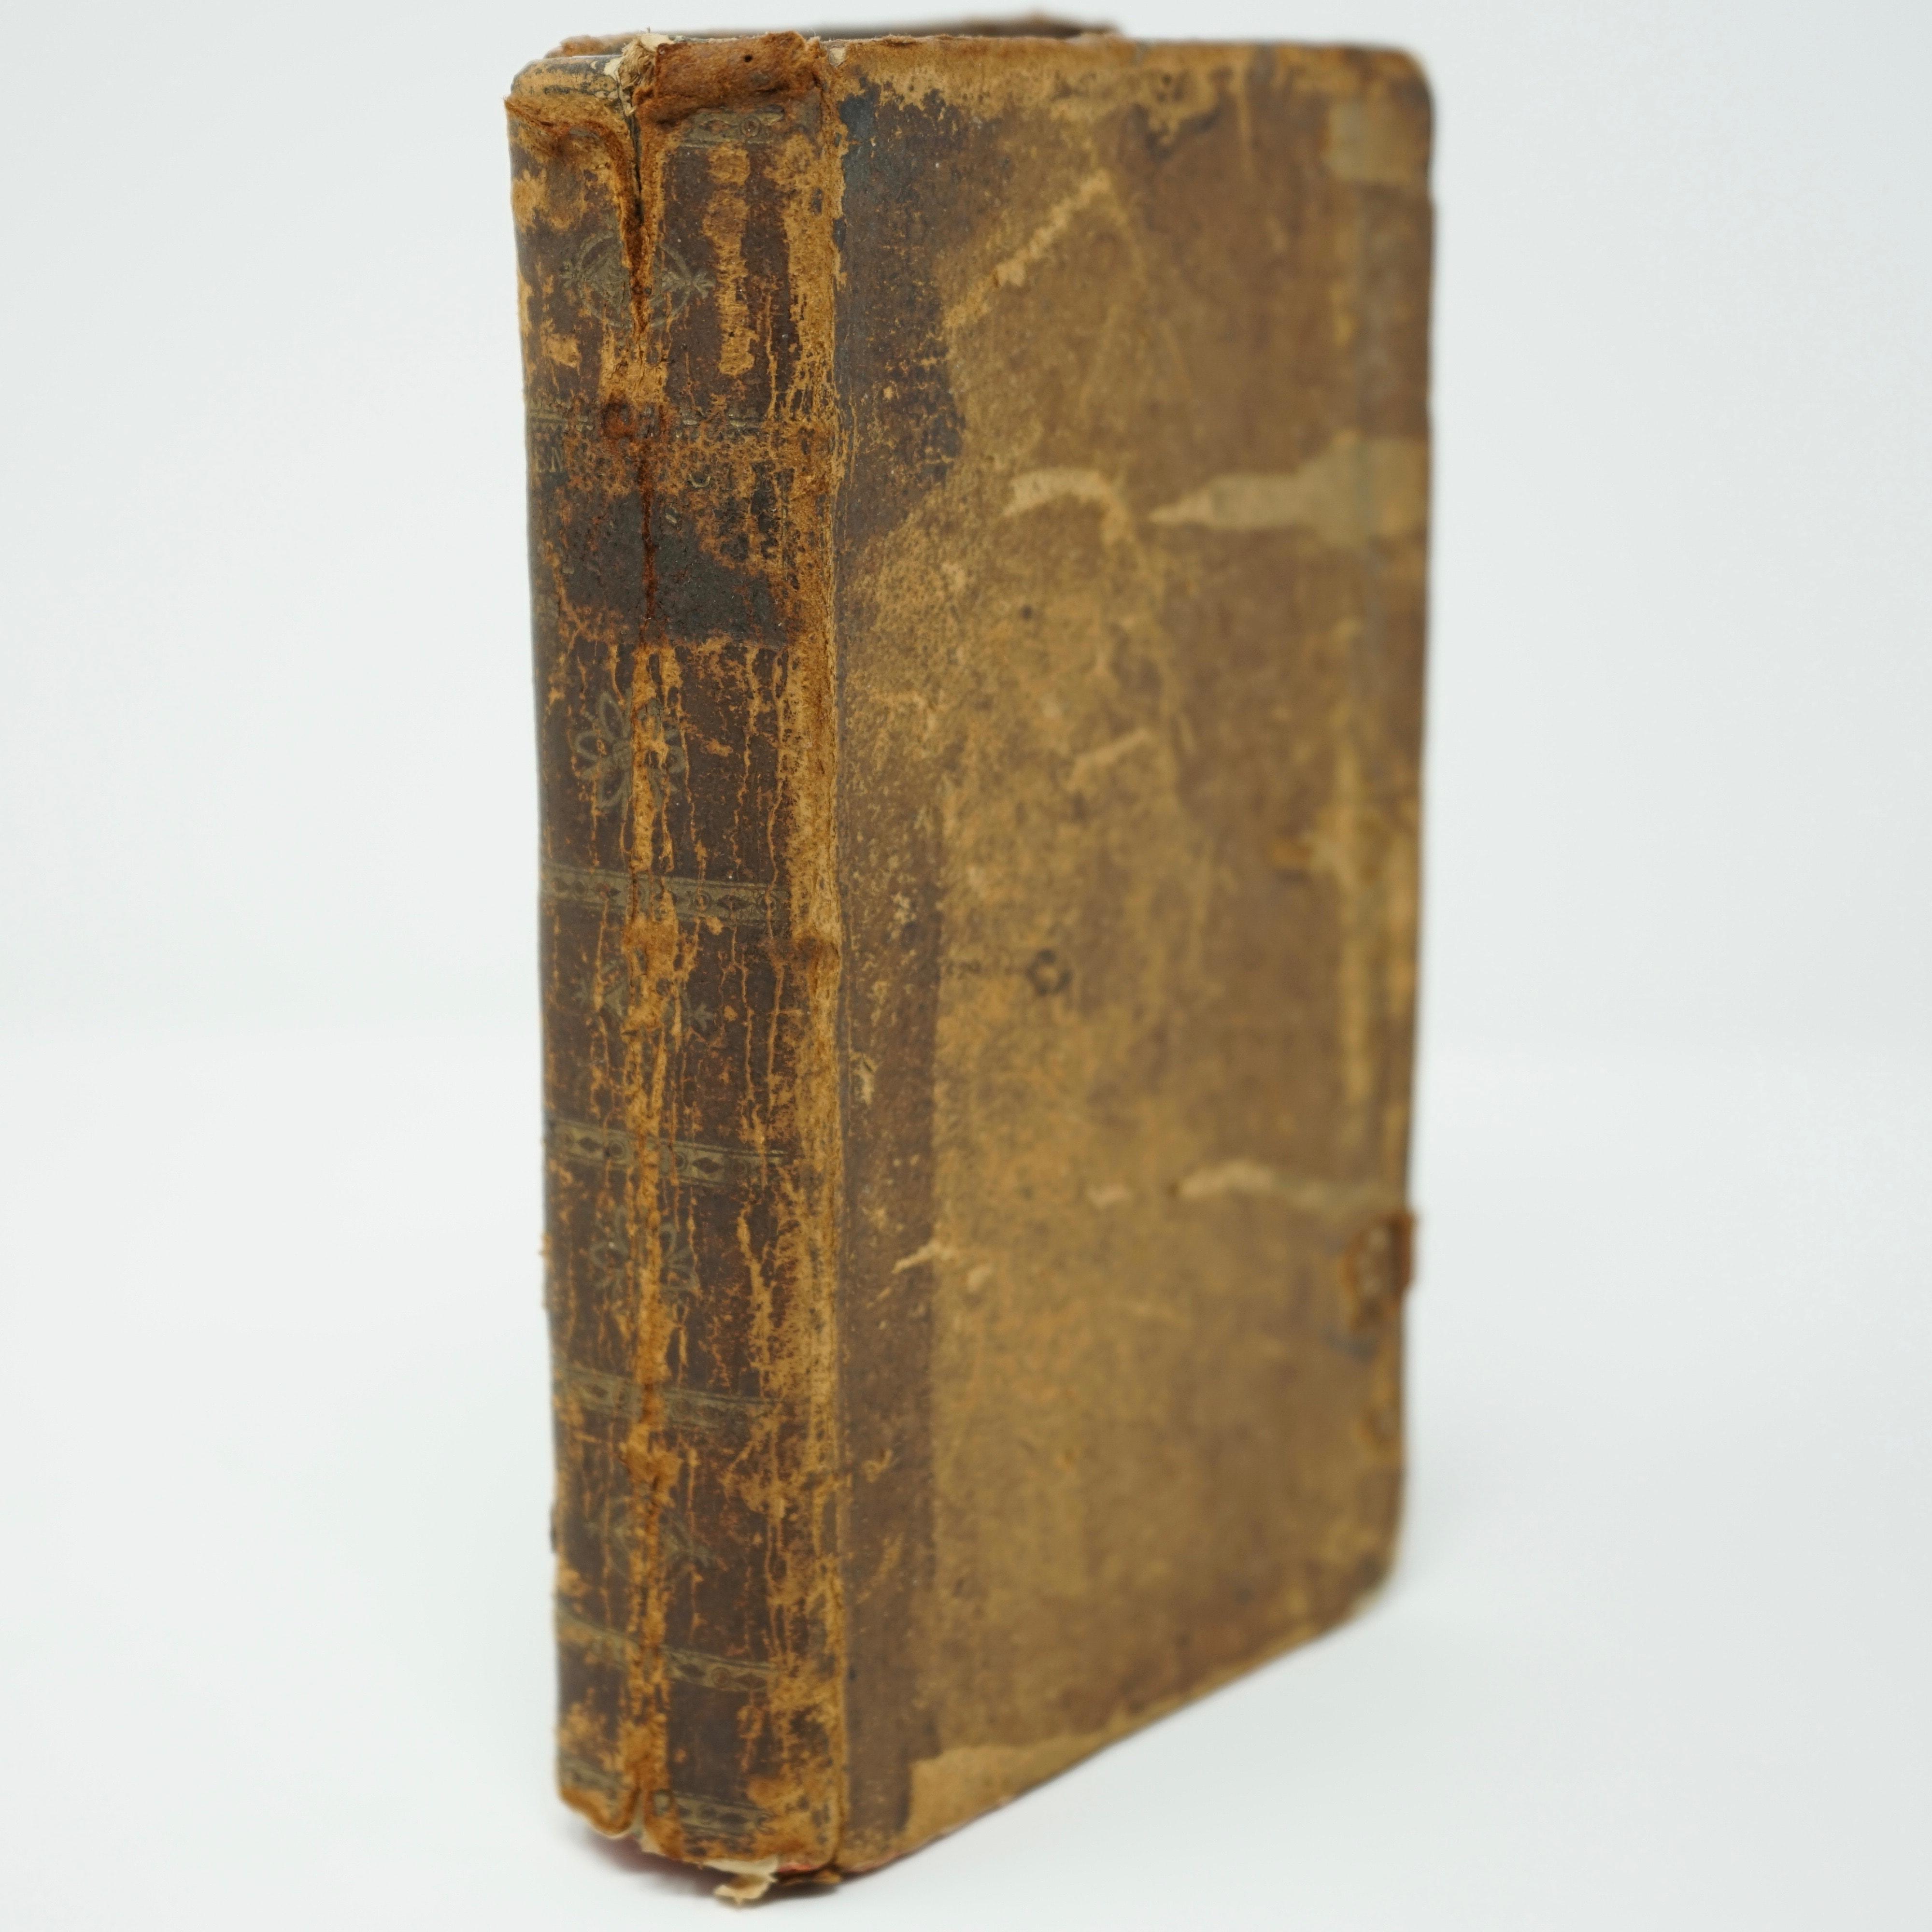 L'Encyclopédie des Enfans de 1802